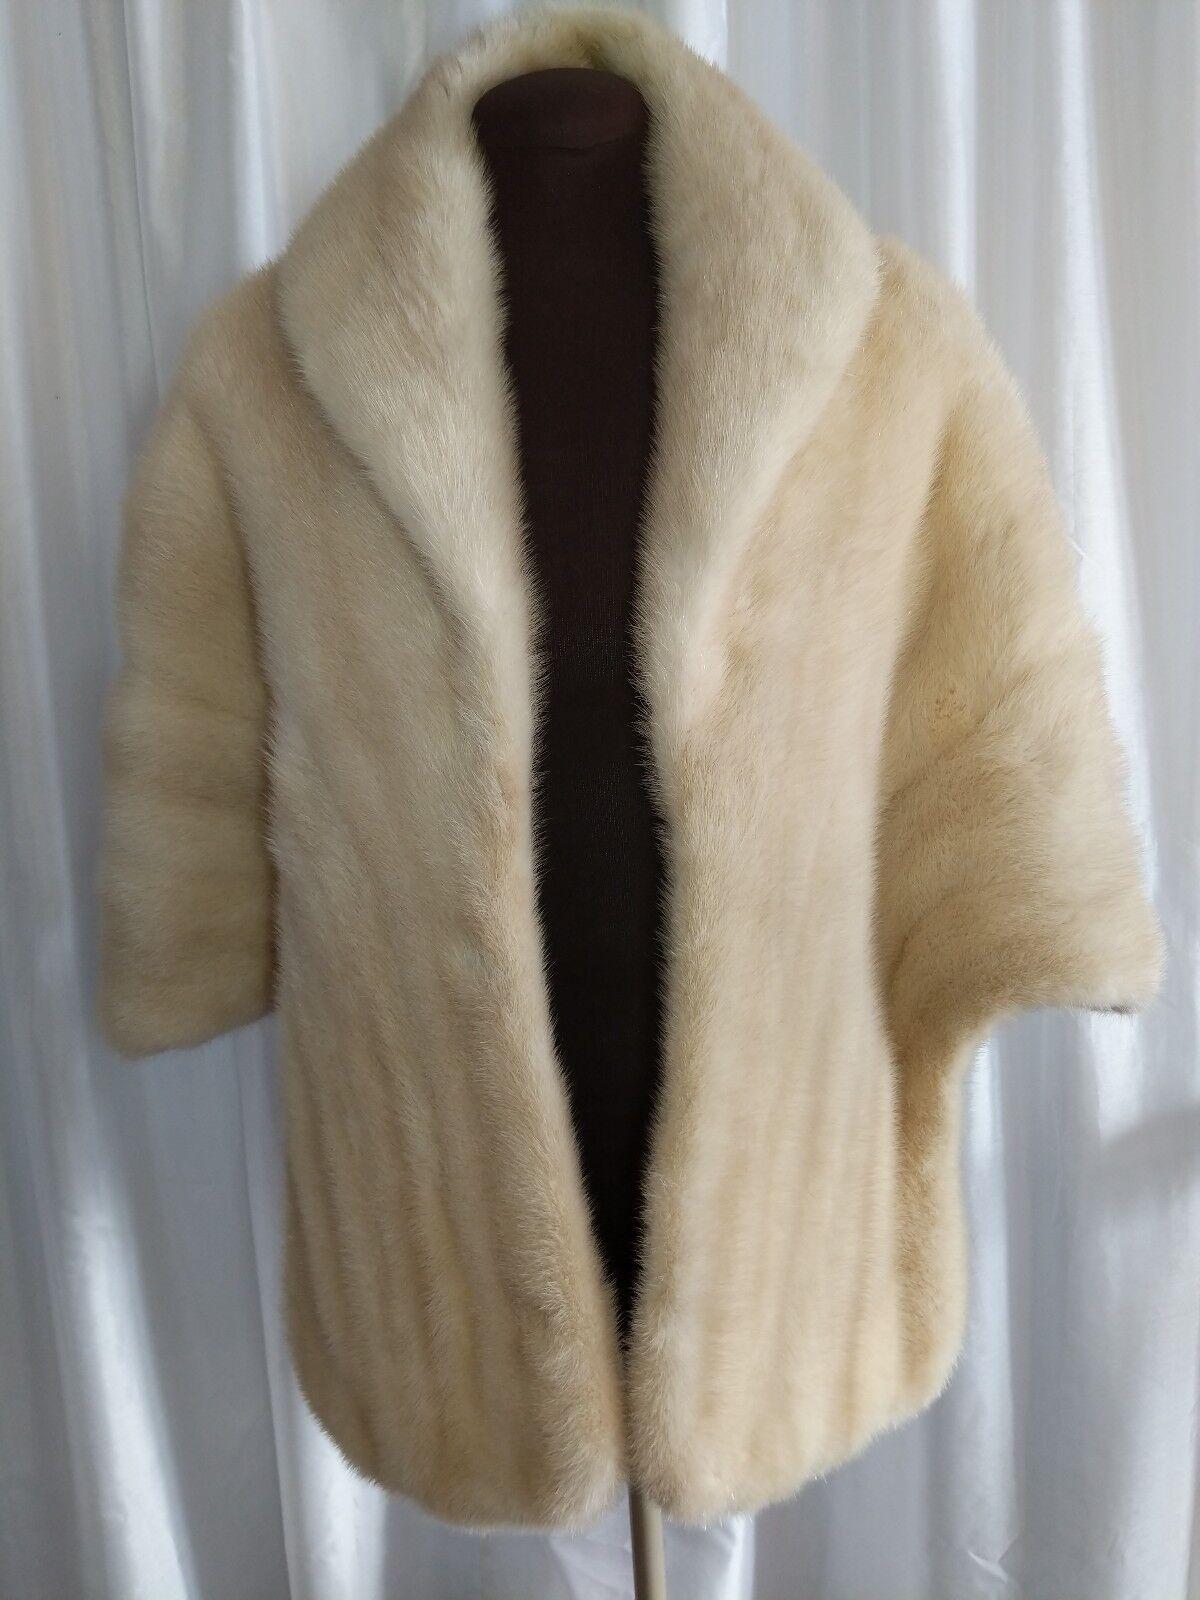 Charmante Natural Opaline Mink Fur Stole L-XL Original Storage Bag Fur Appraisal